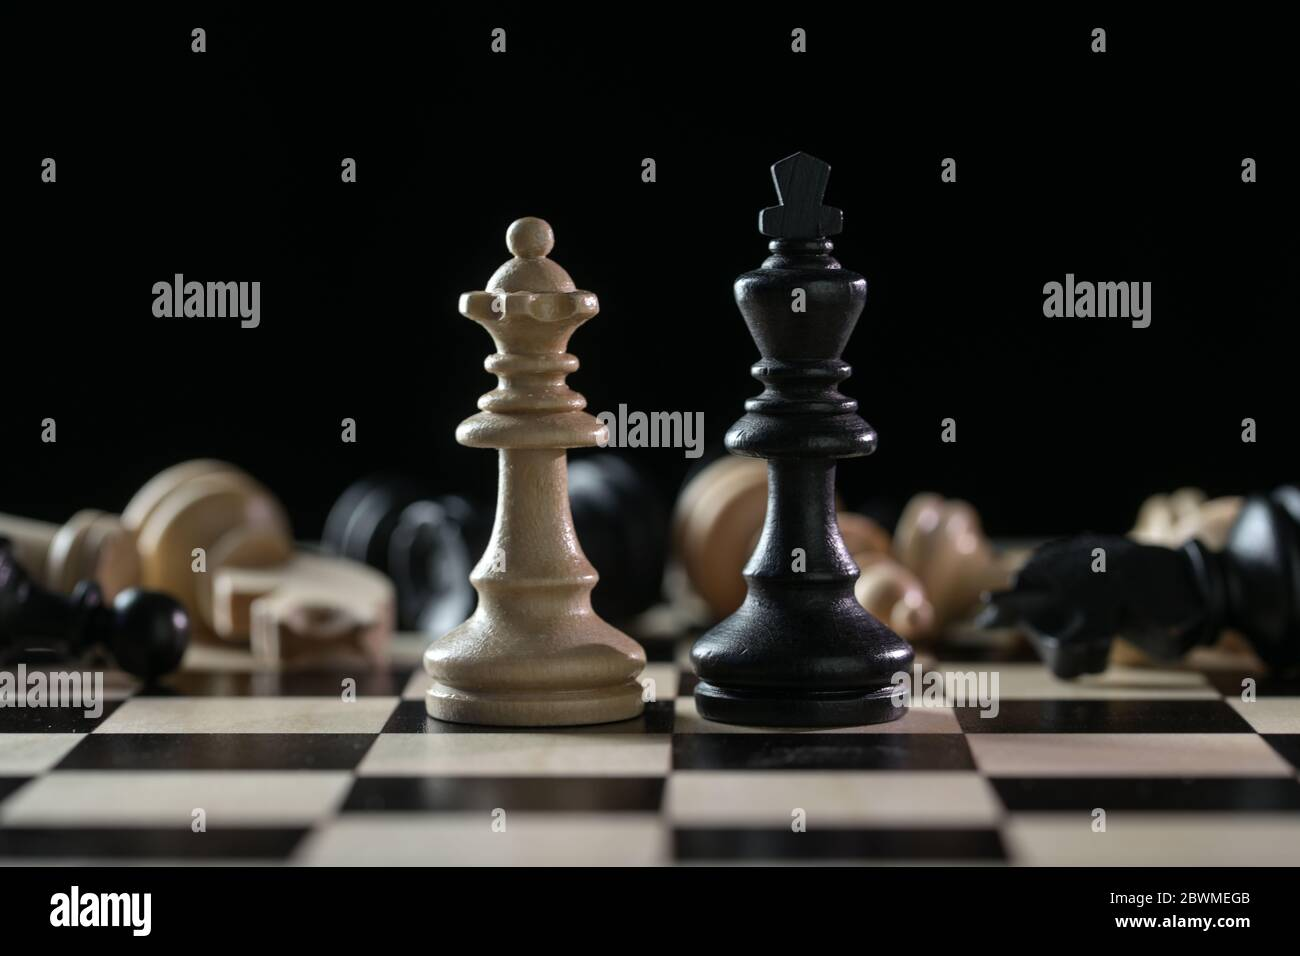 Pièces d'échecs reine et roi devant un des échiquier tombés après un champ de bataille sur un échiquier sur fond noir, concept d'abus de pouvoir Banque D'Images